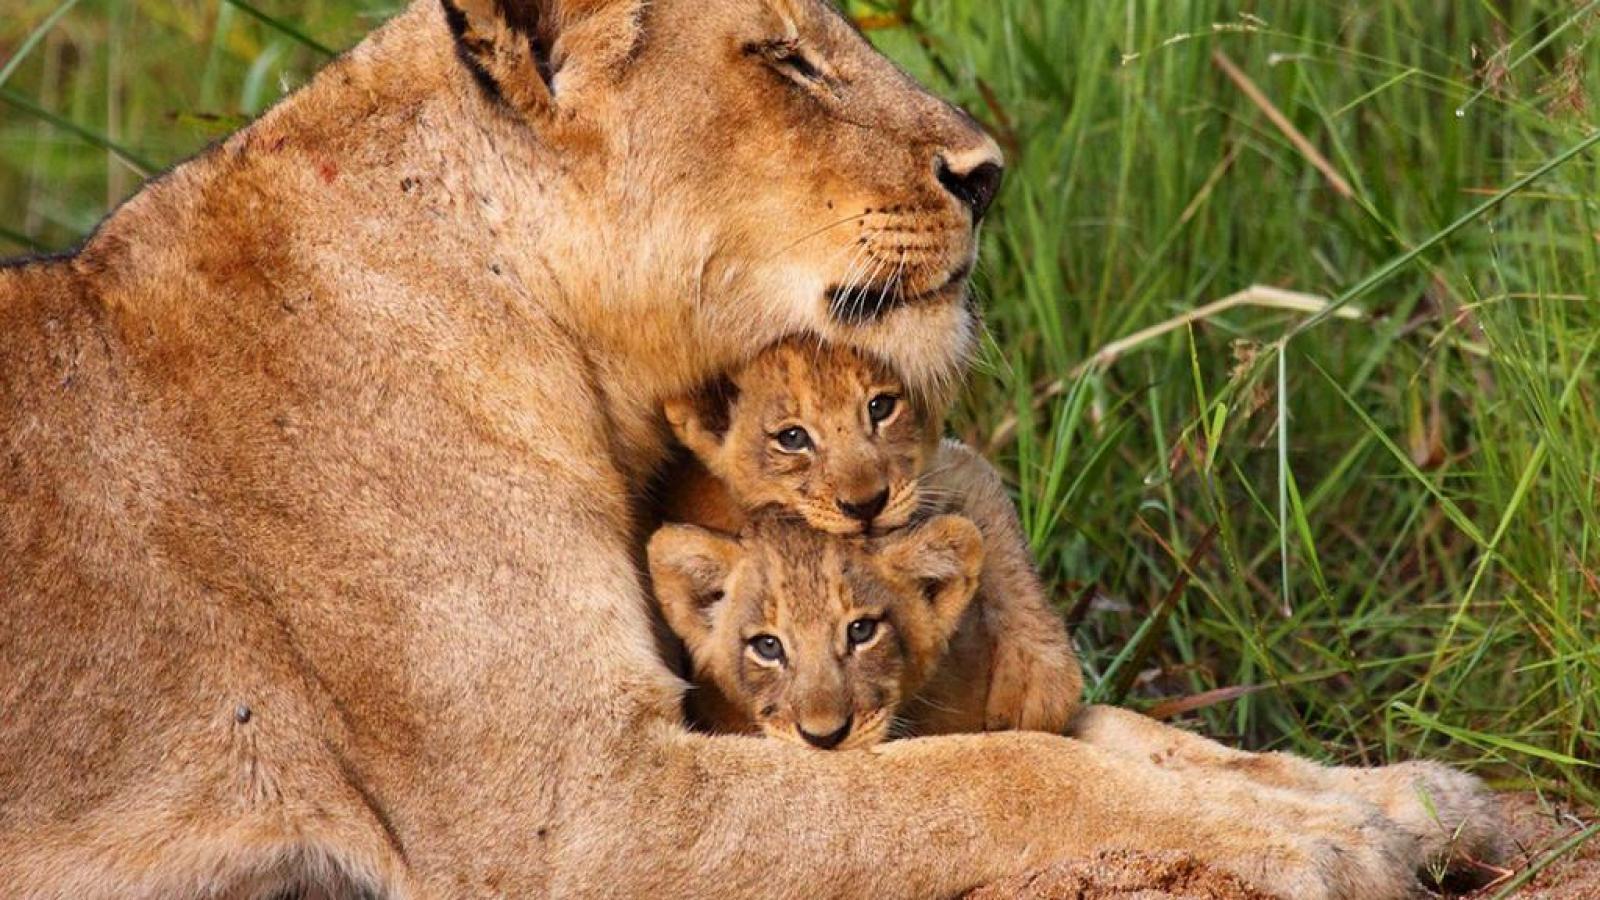 壁纸 动物 狮子 桌面 1600_900